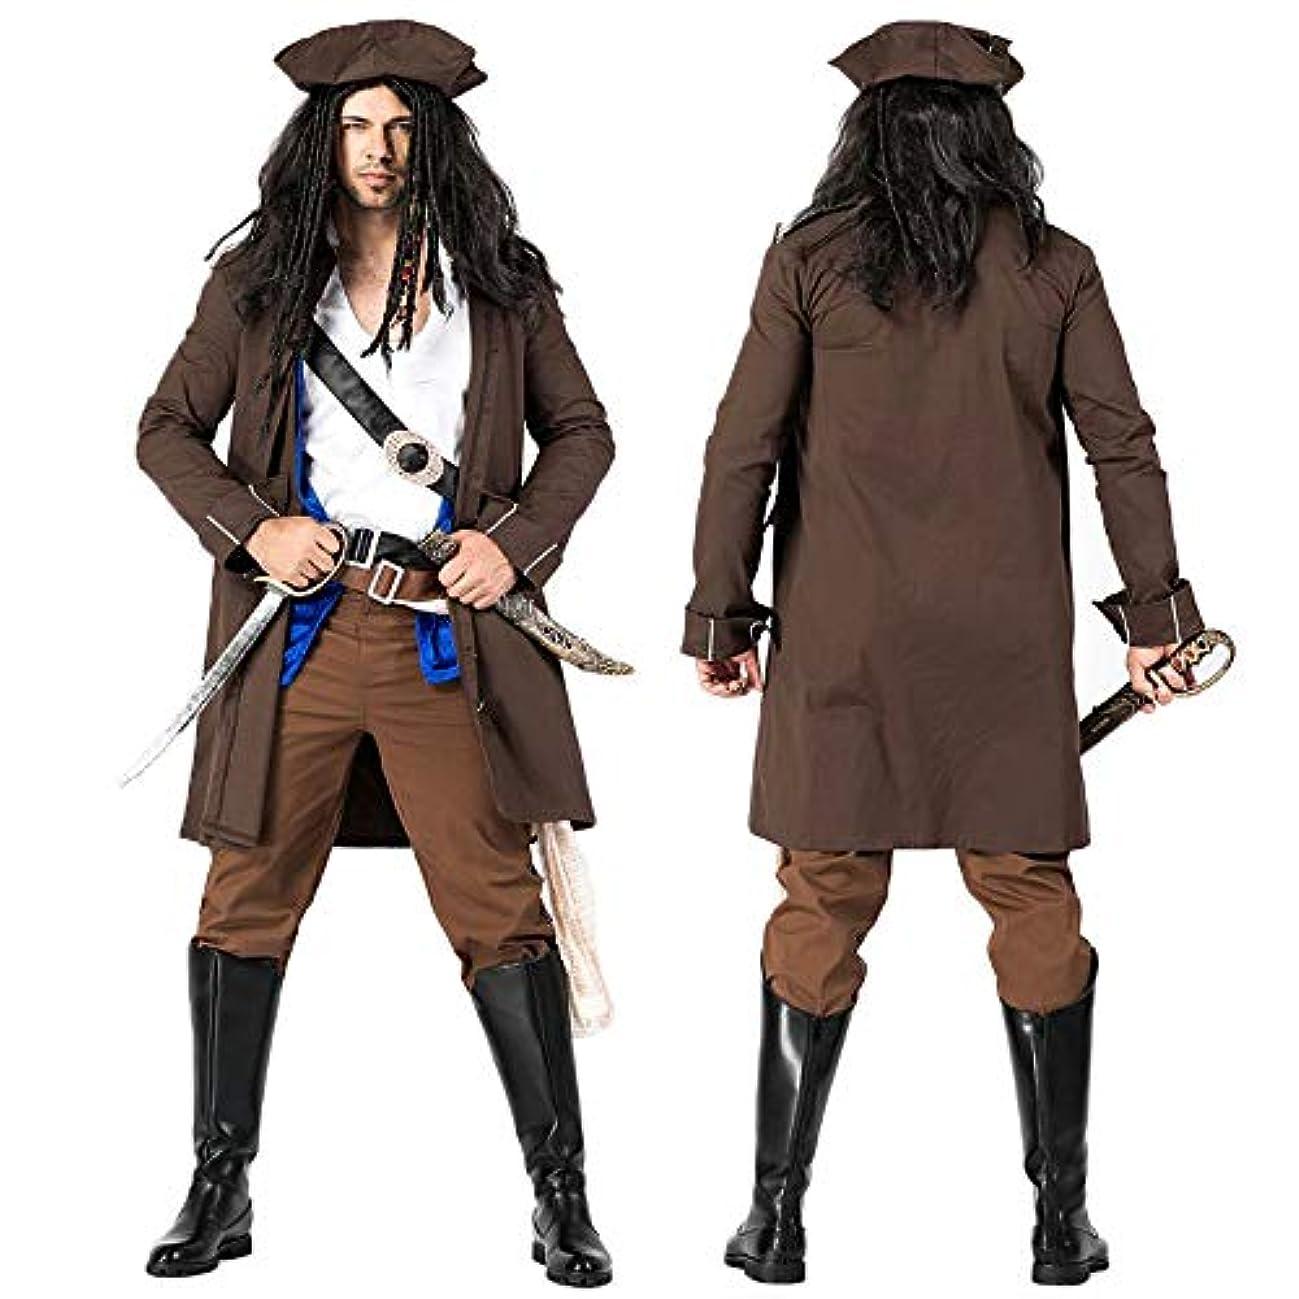 一節便益労働【 本格的 】monoii 海賊 キャプテン 帽子 コスプレ 男性 ハロウィン 衣装 大人 コスチューム メンズ 503